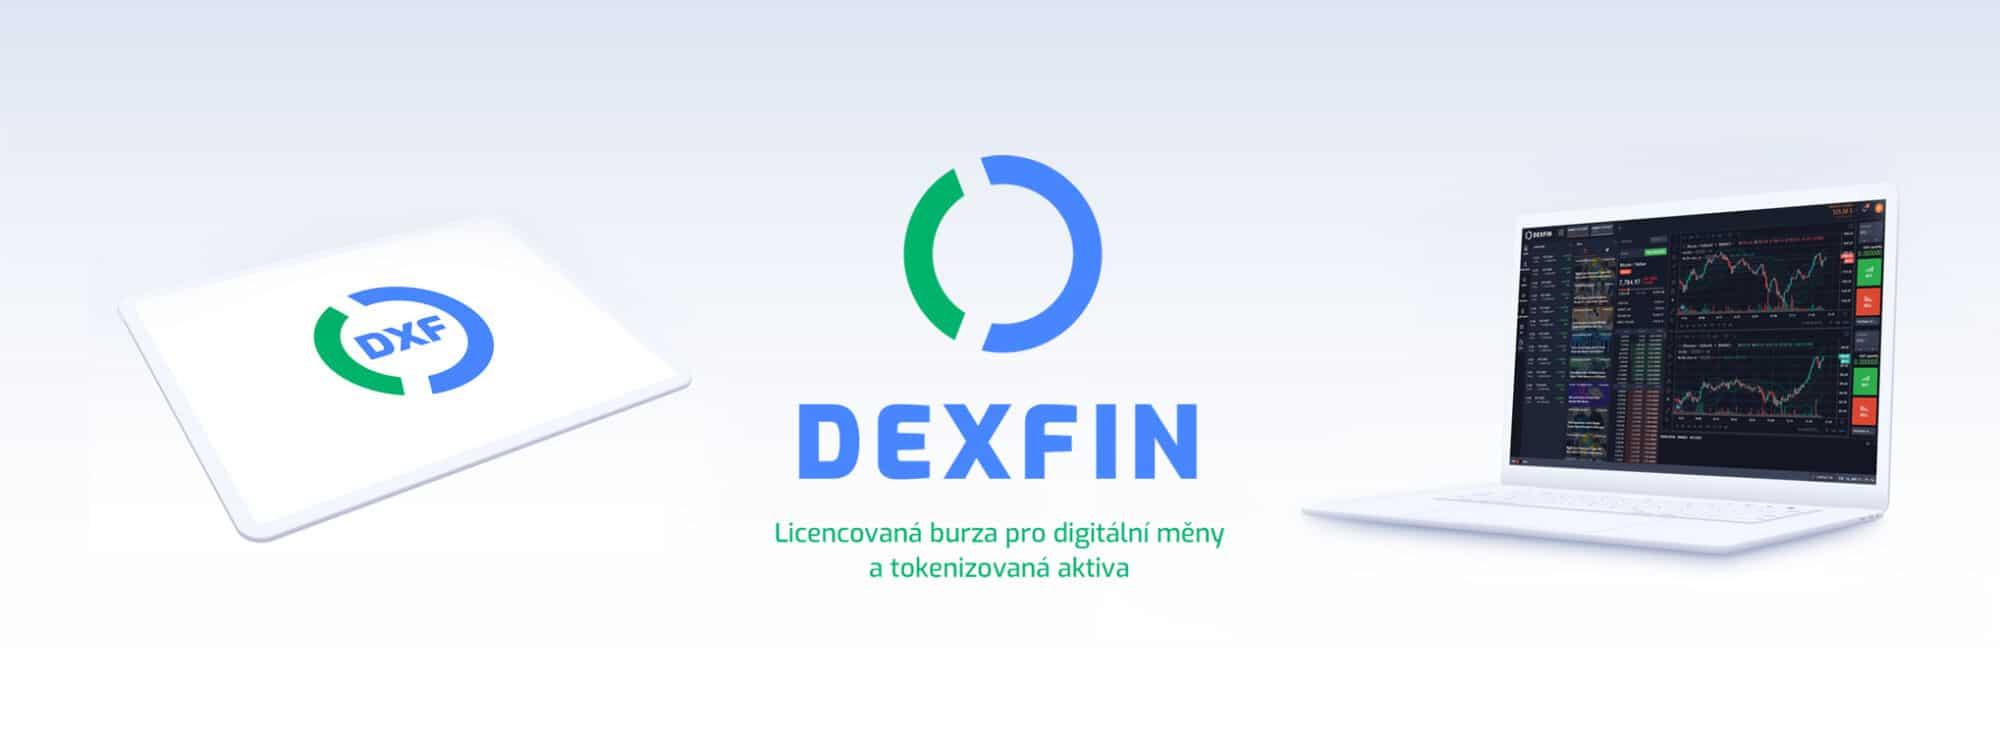 Tvorba loga avizuální identity Dexfin sociální sítě